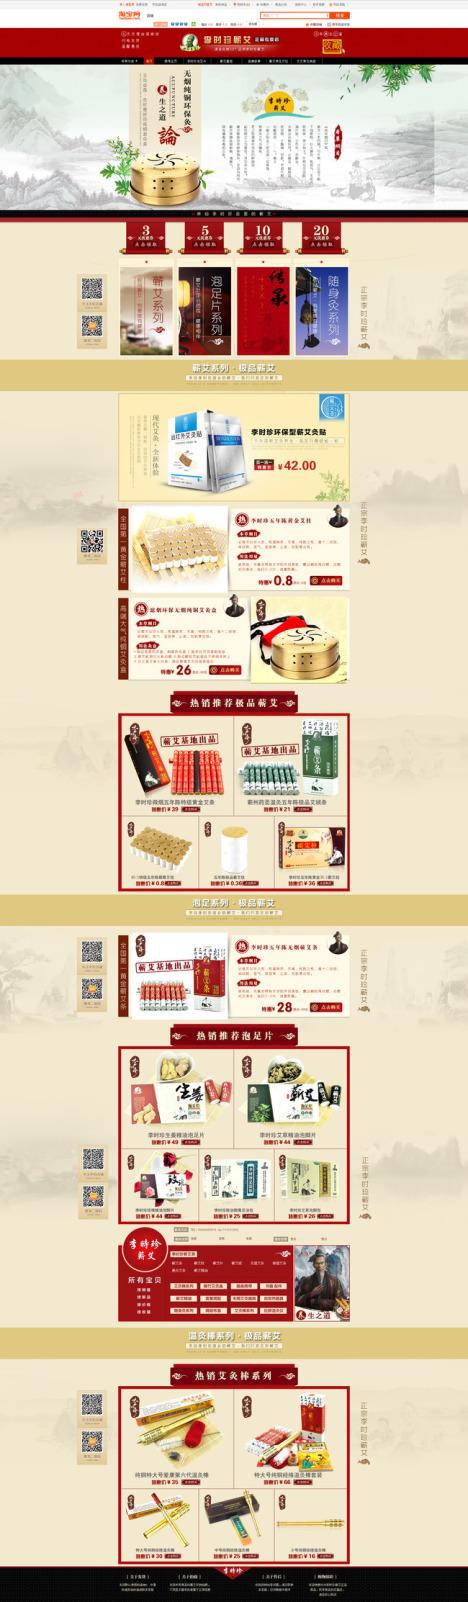 12615892)_淘宝素材|模板|年末促销_淘宝促销海报banner_我图网weili.